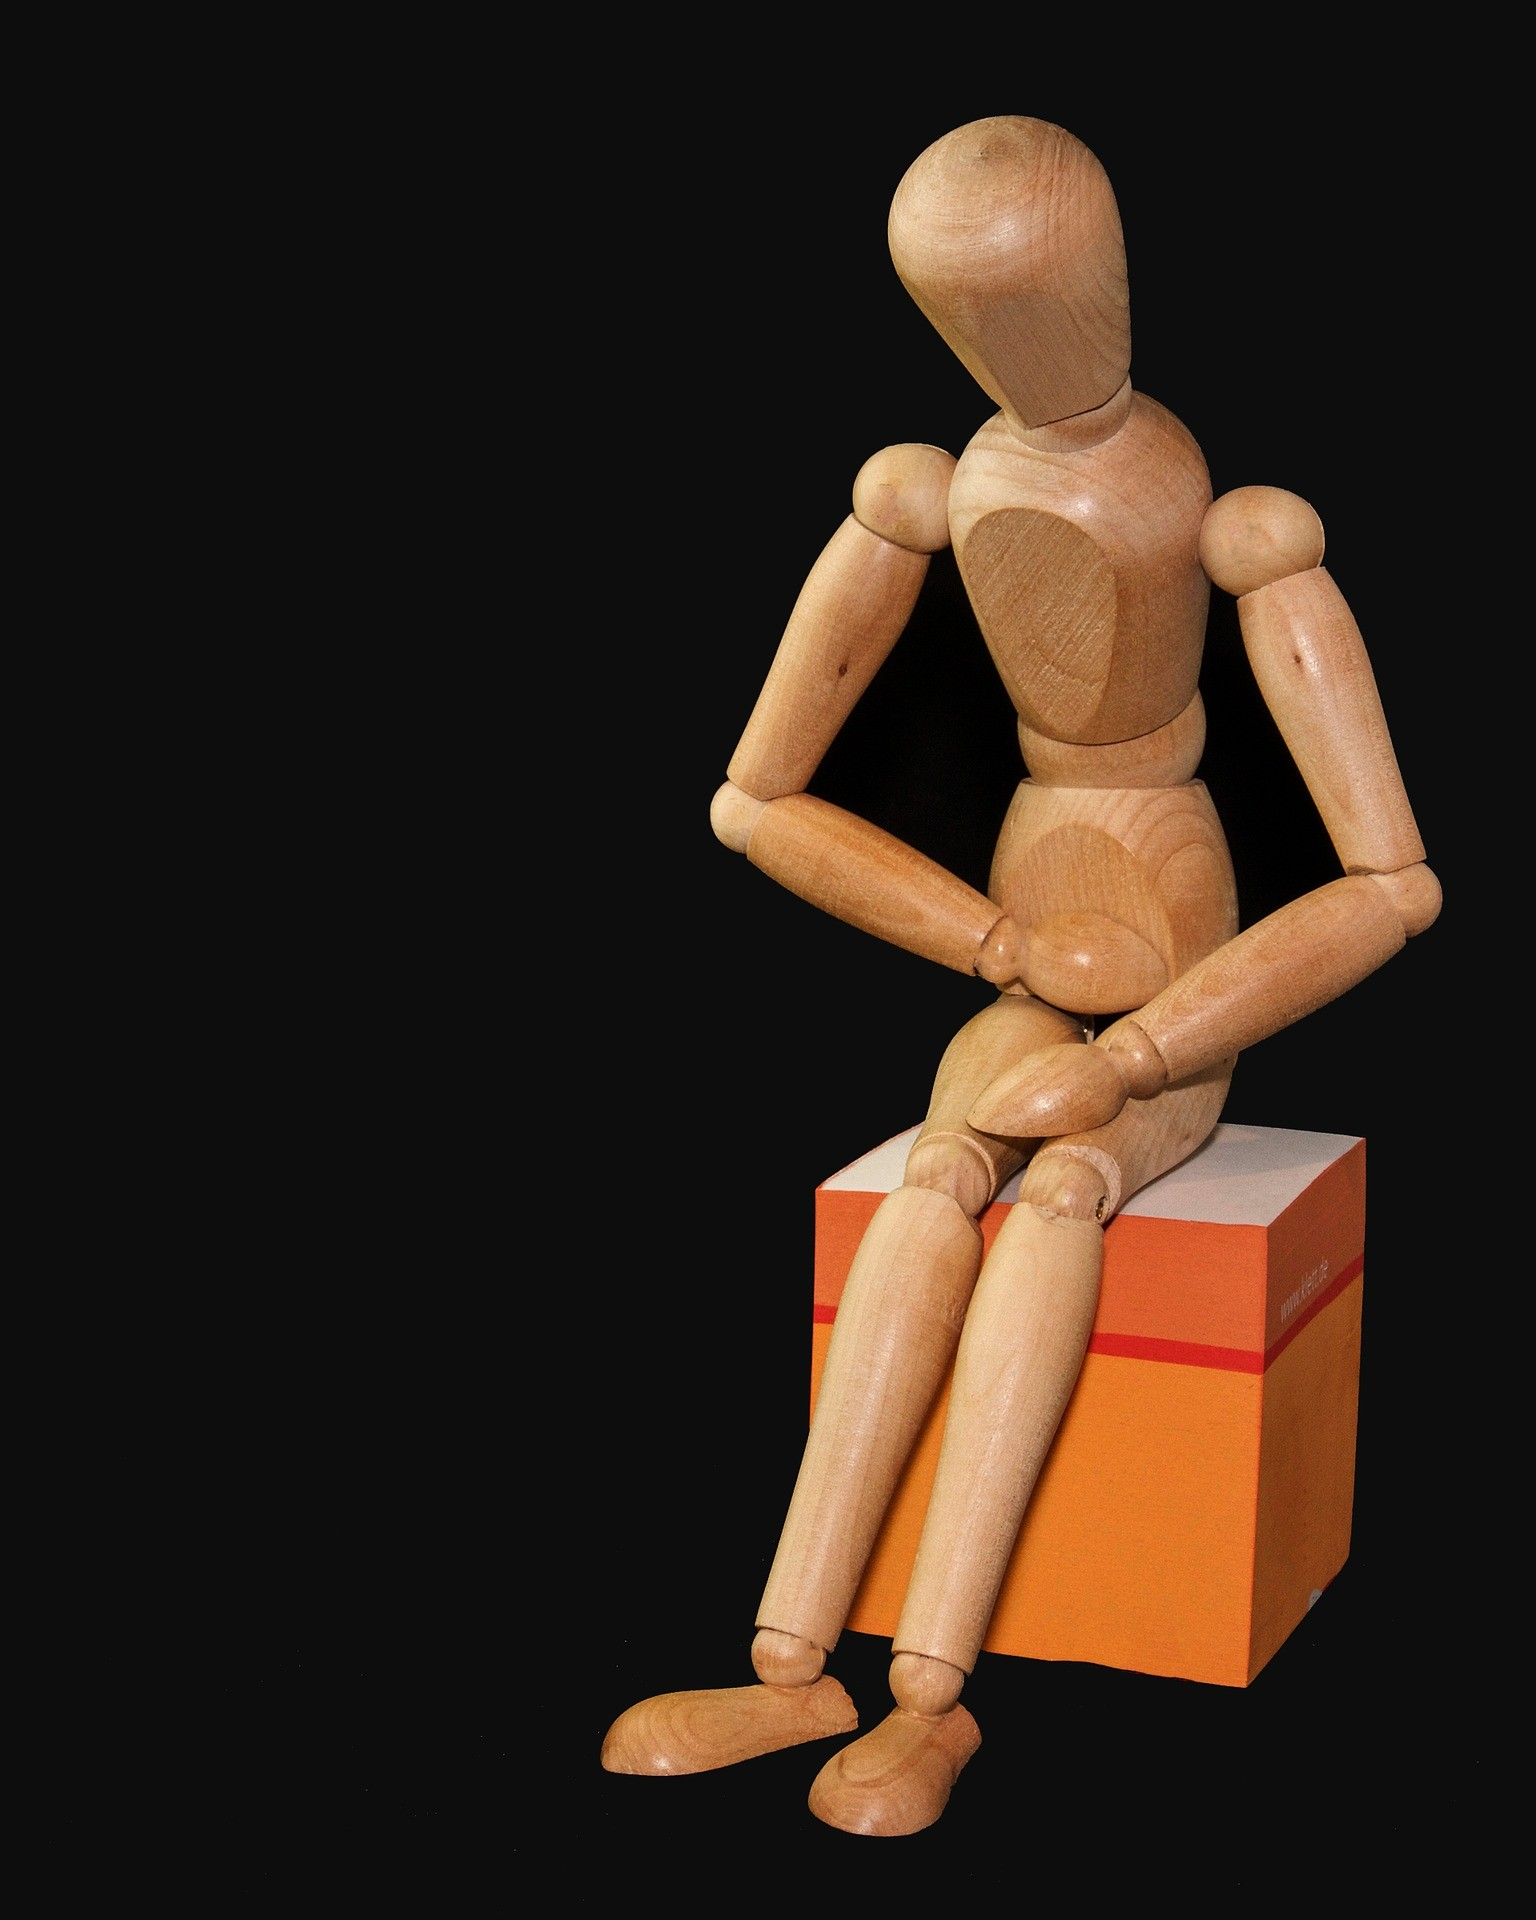 Dor nos testículos (Foto: Creative Commons)